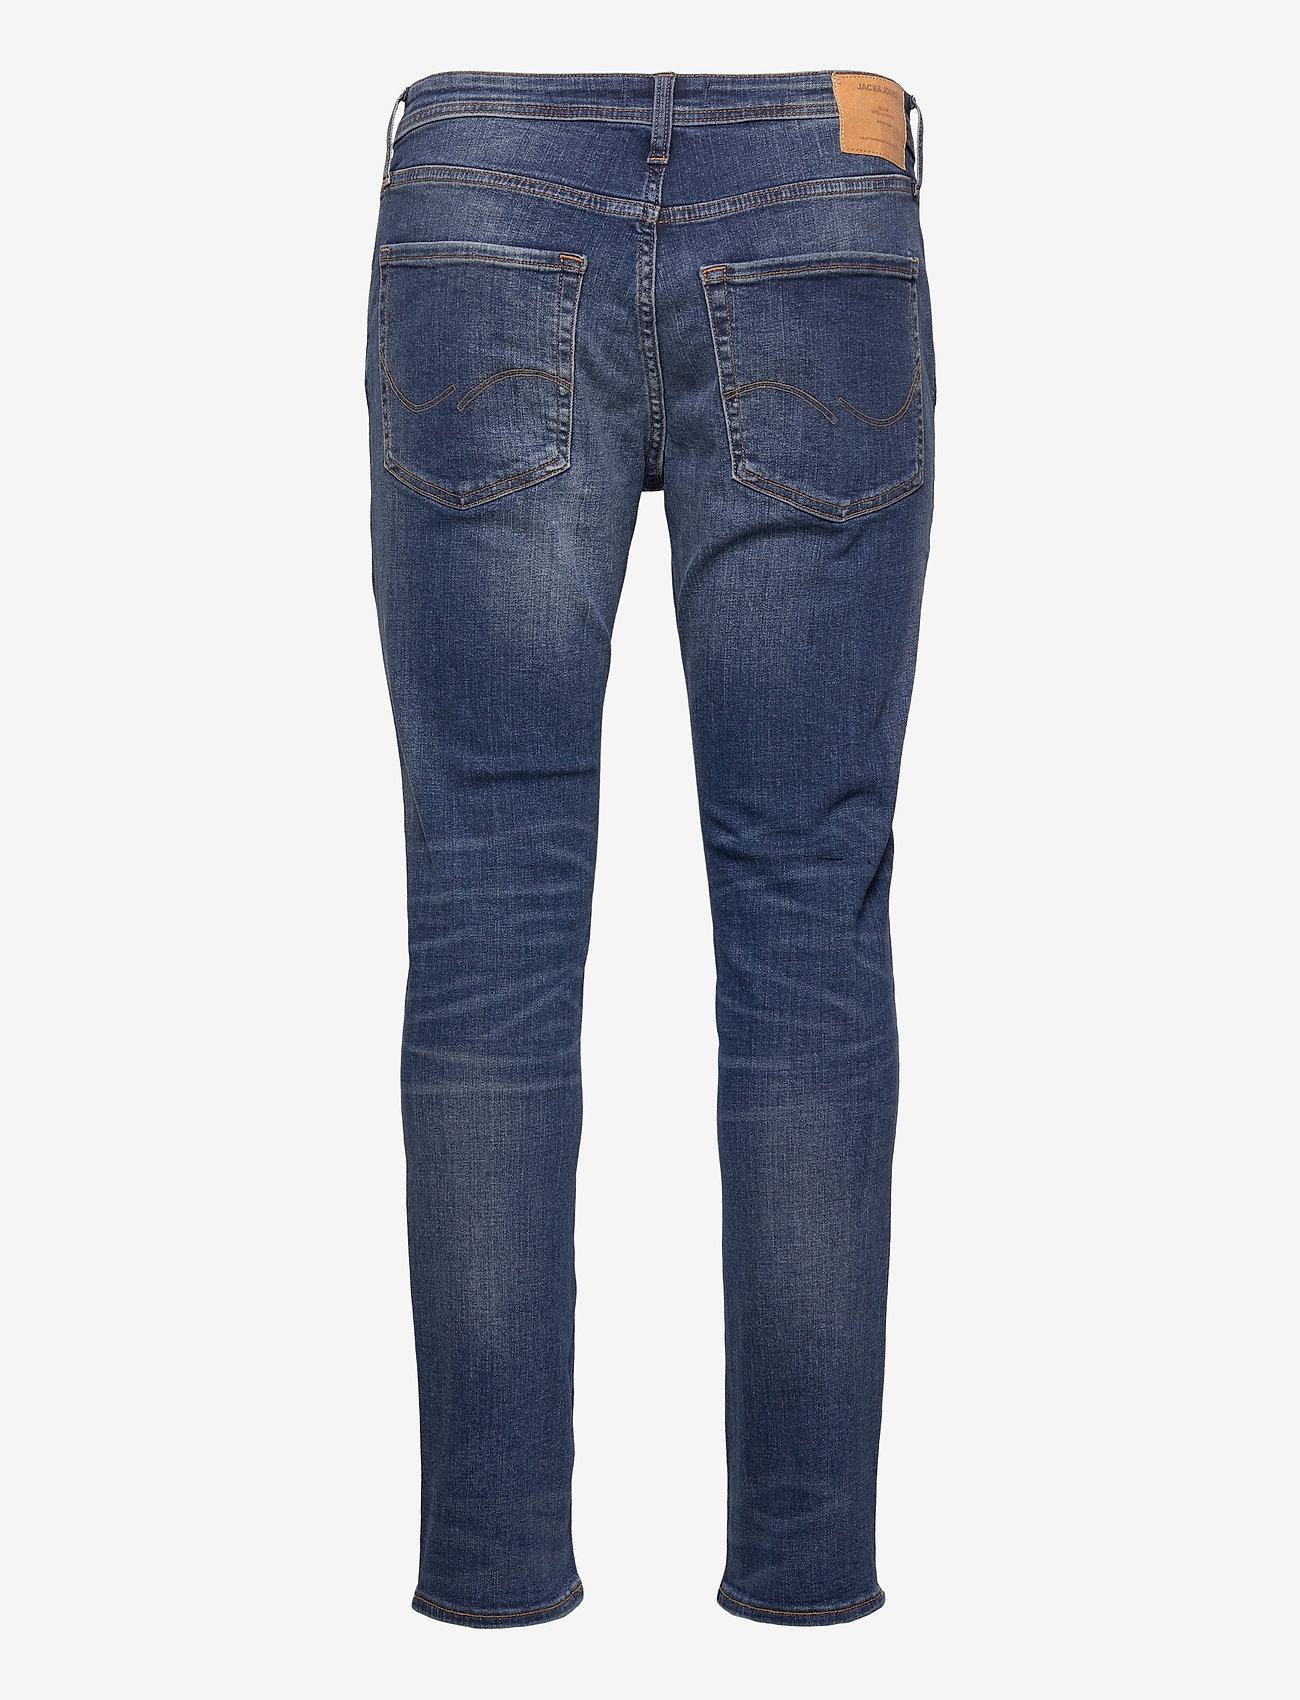 Jack & Jones - JJITIM JJORIGINAL AM 782 50SPS NOOS - slim jeans - blue denim - 1